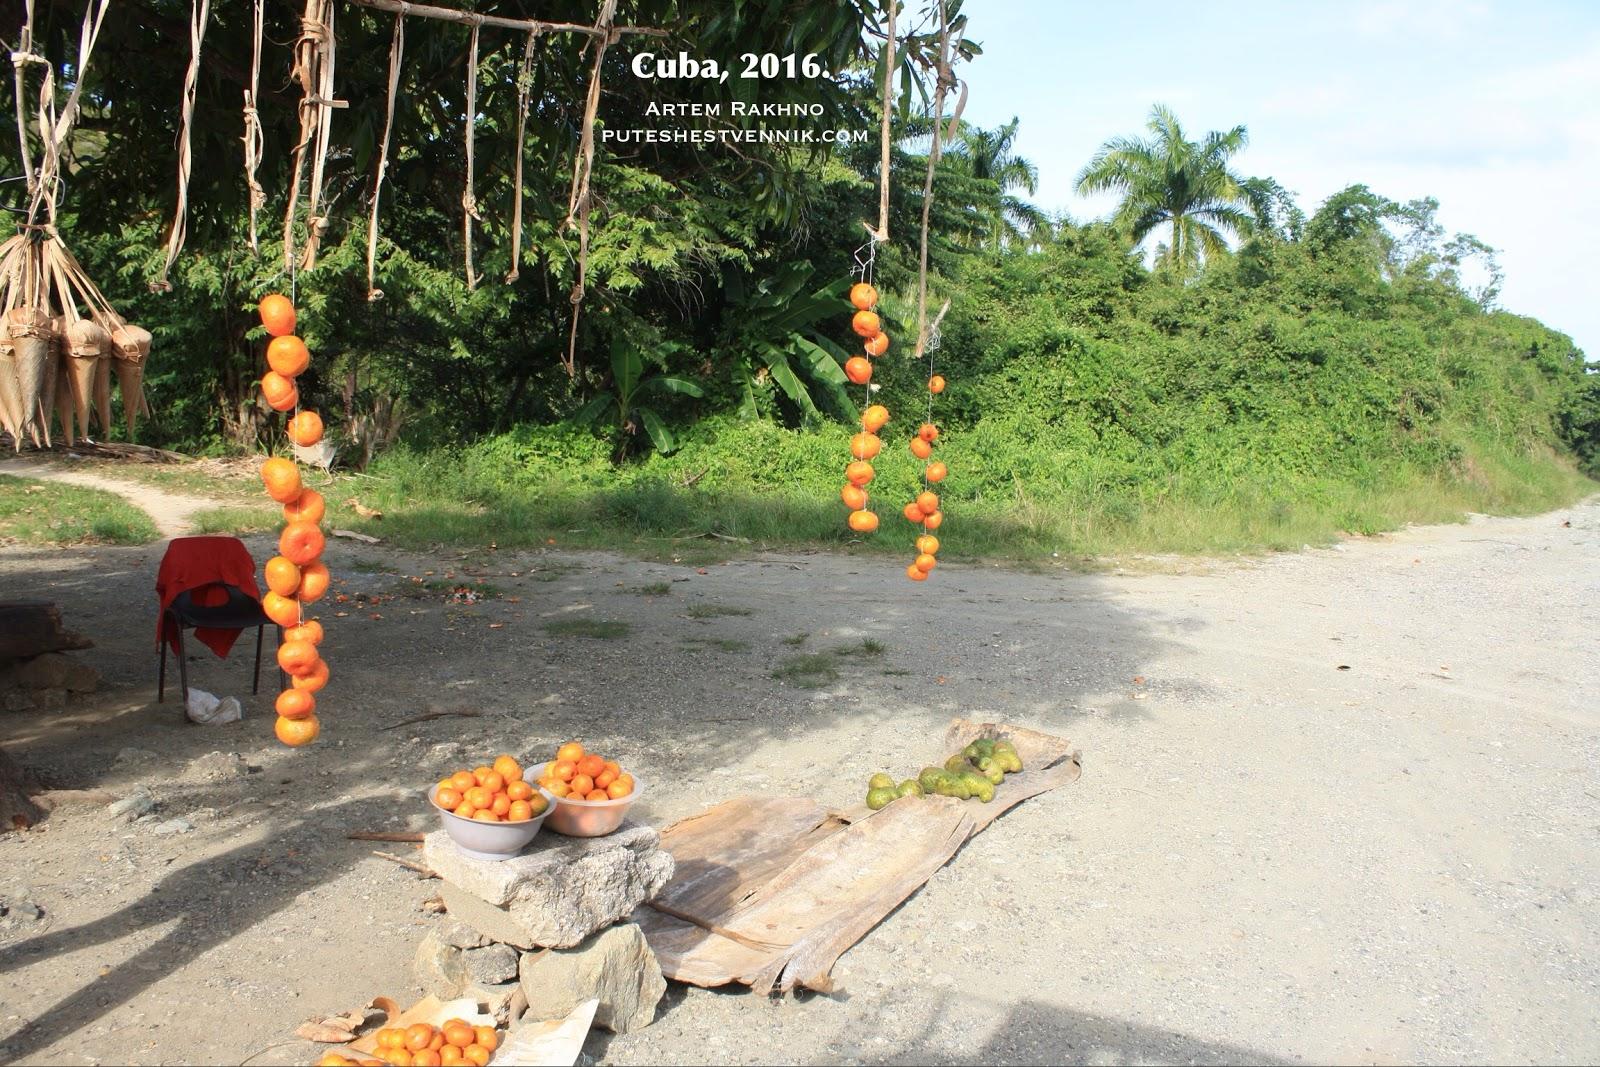 Торговля мандаринами у трассы на Кубе